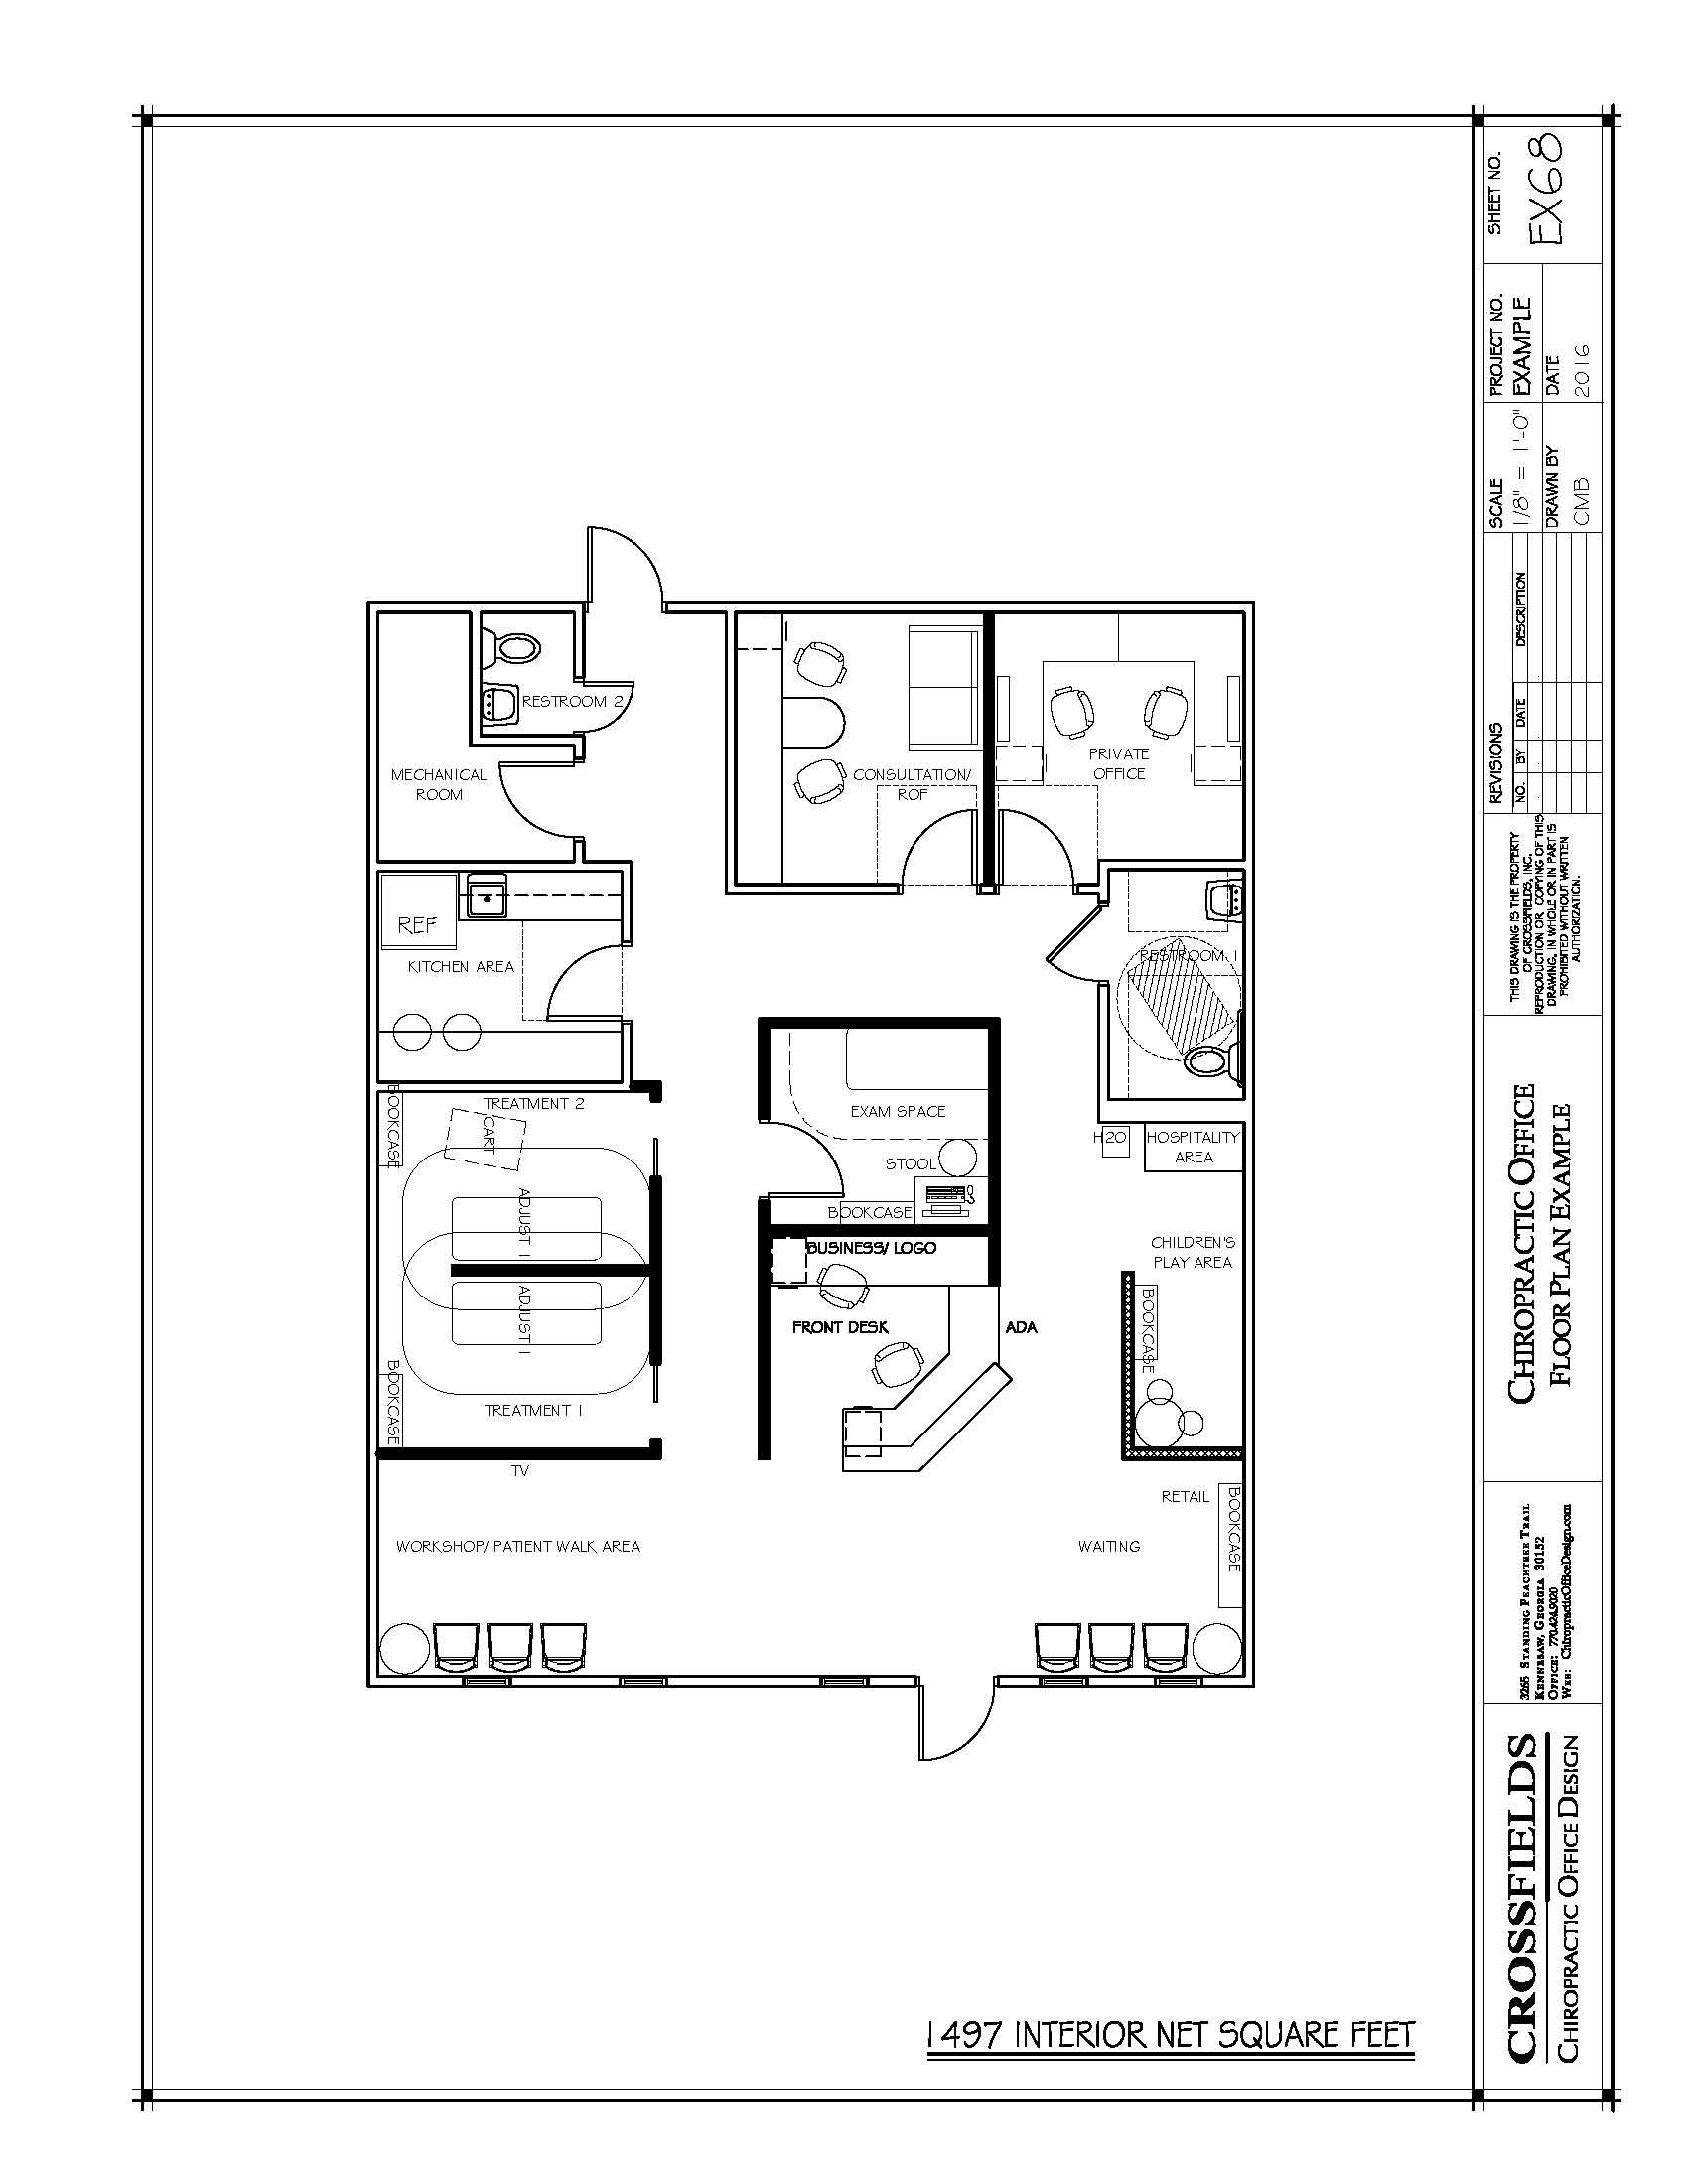 Drawn office sample Floor Play Children's Area Chiropractic